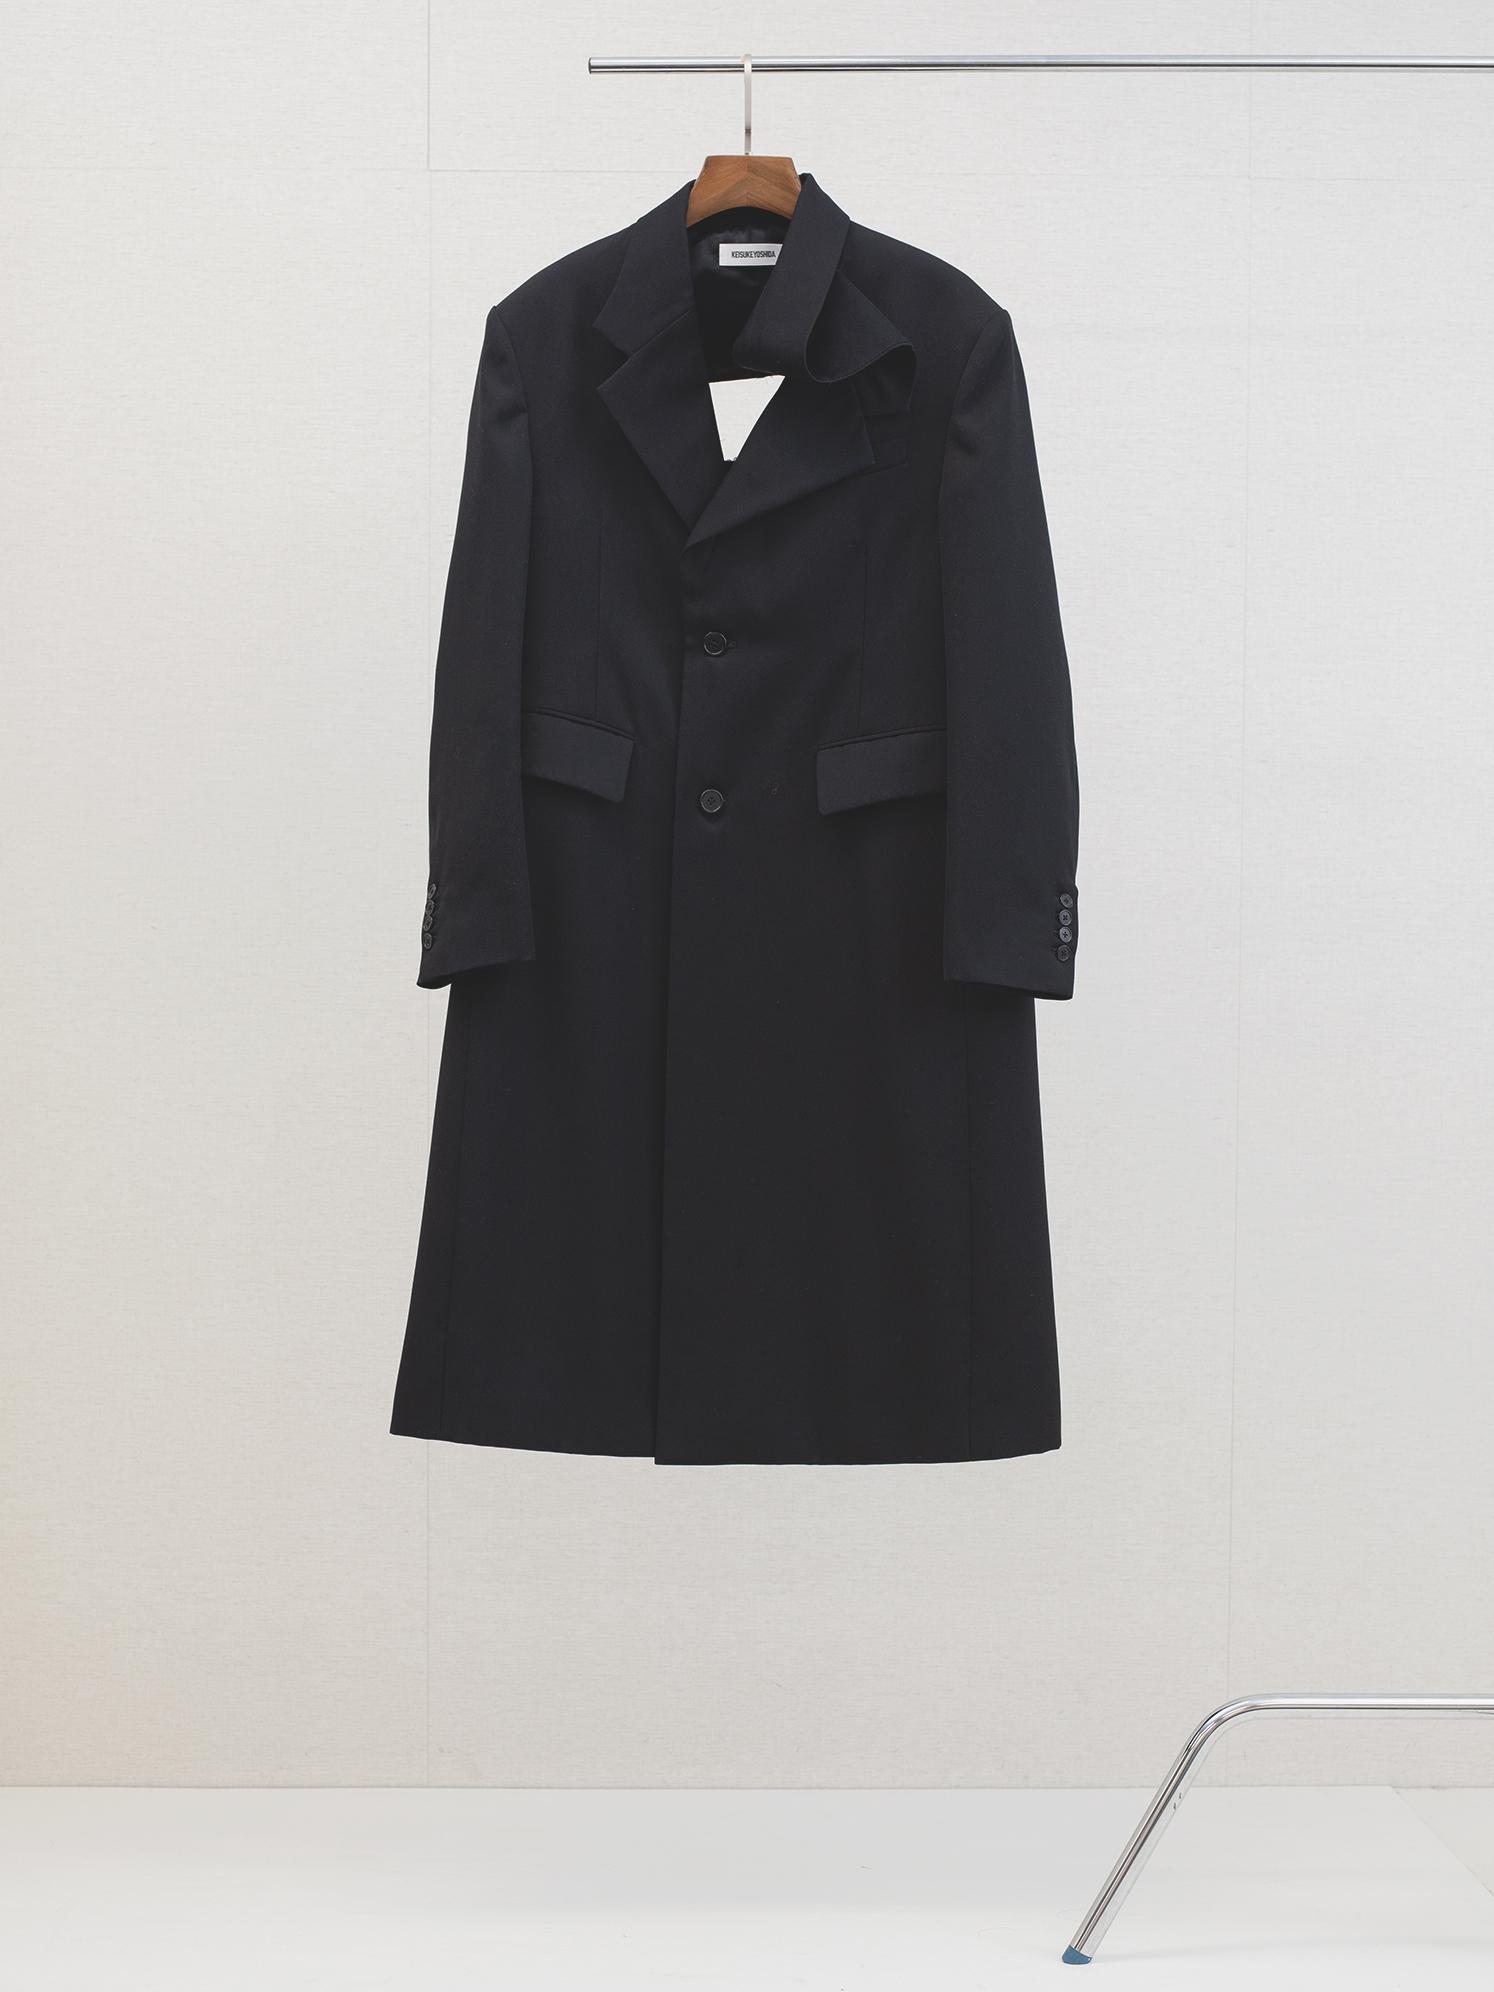 Bended Coat 〈Black〉